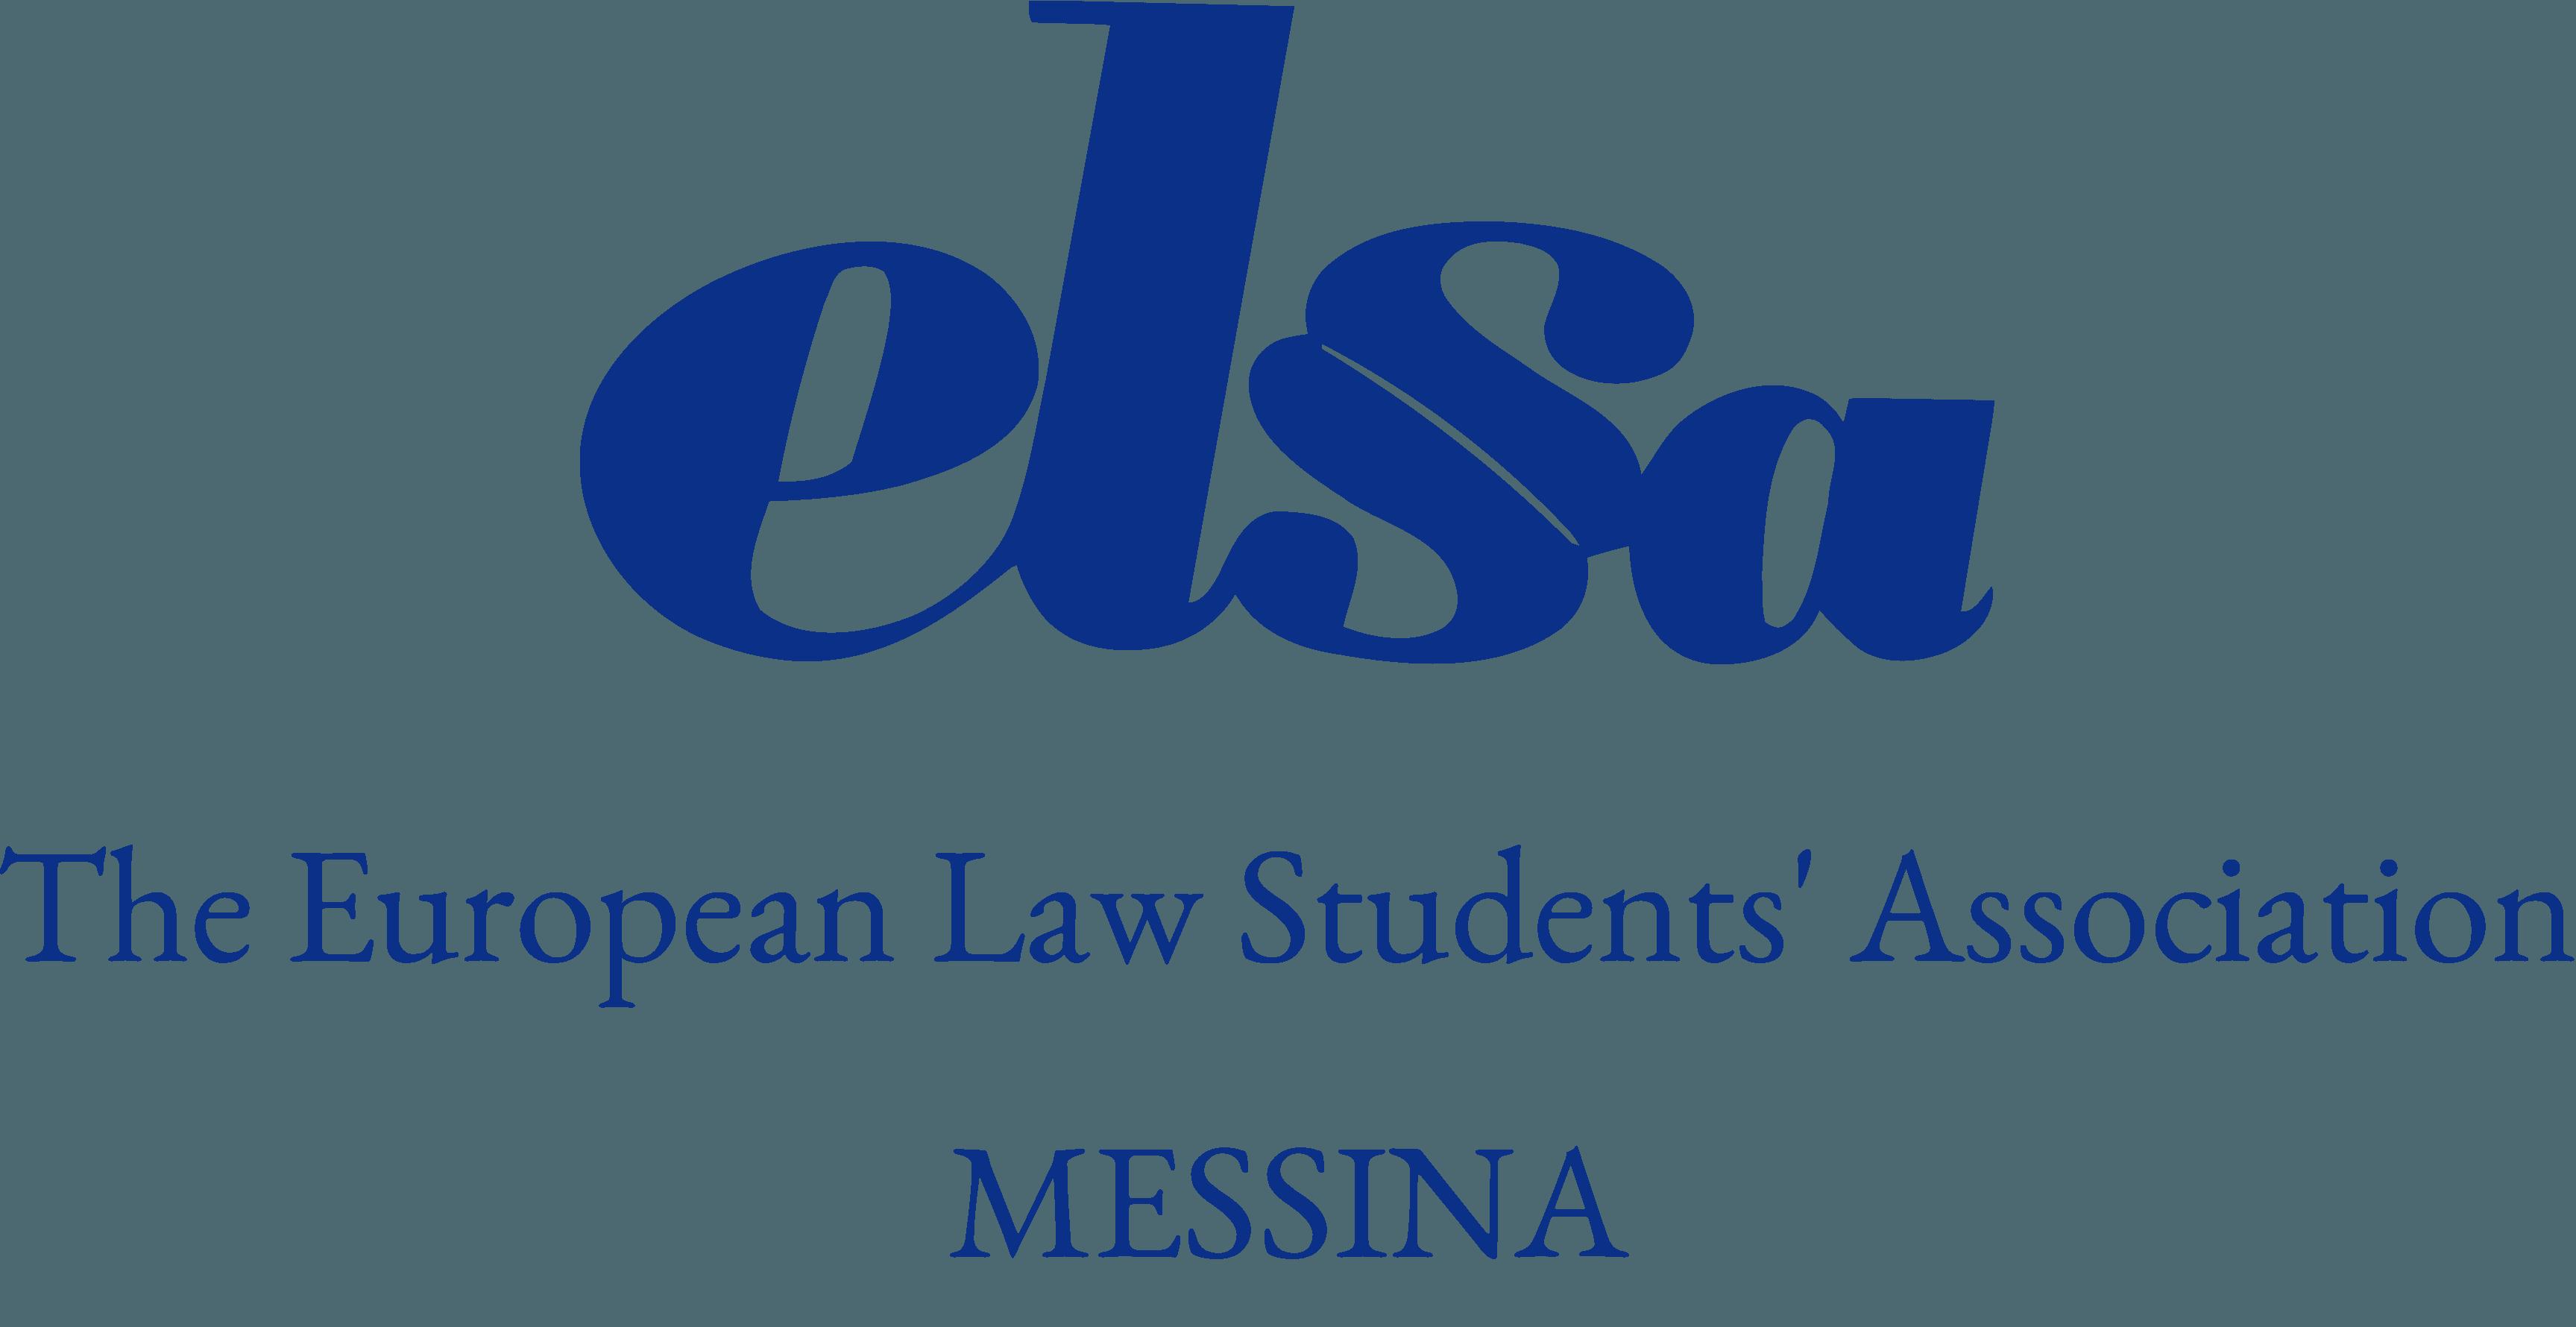 ELSA Messina